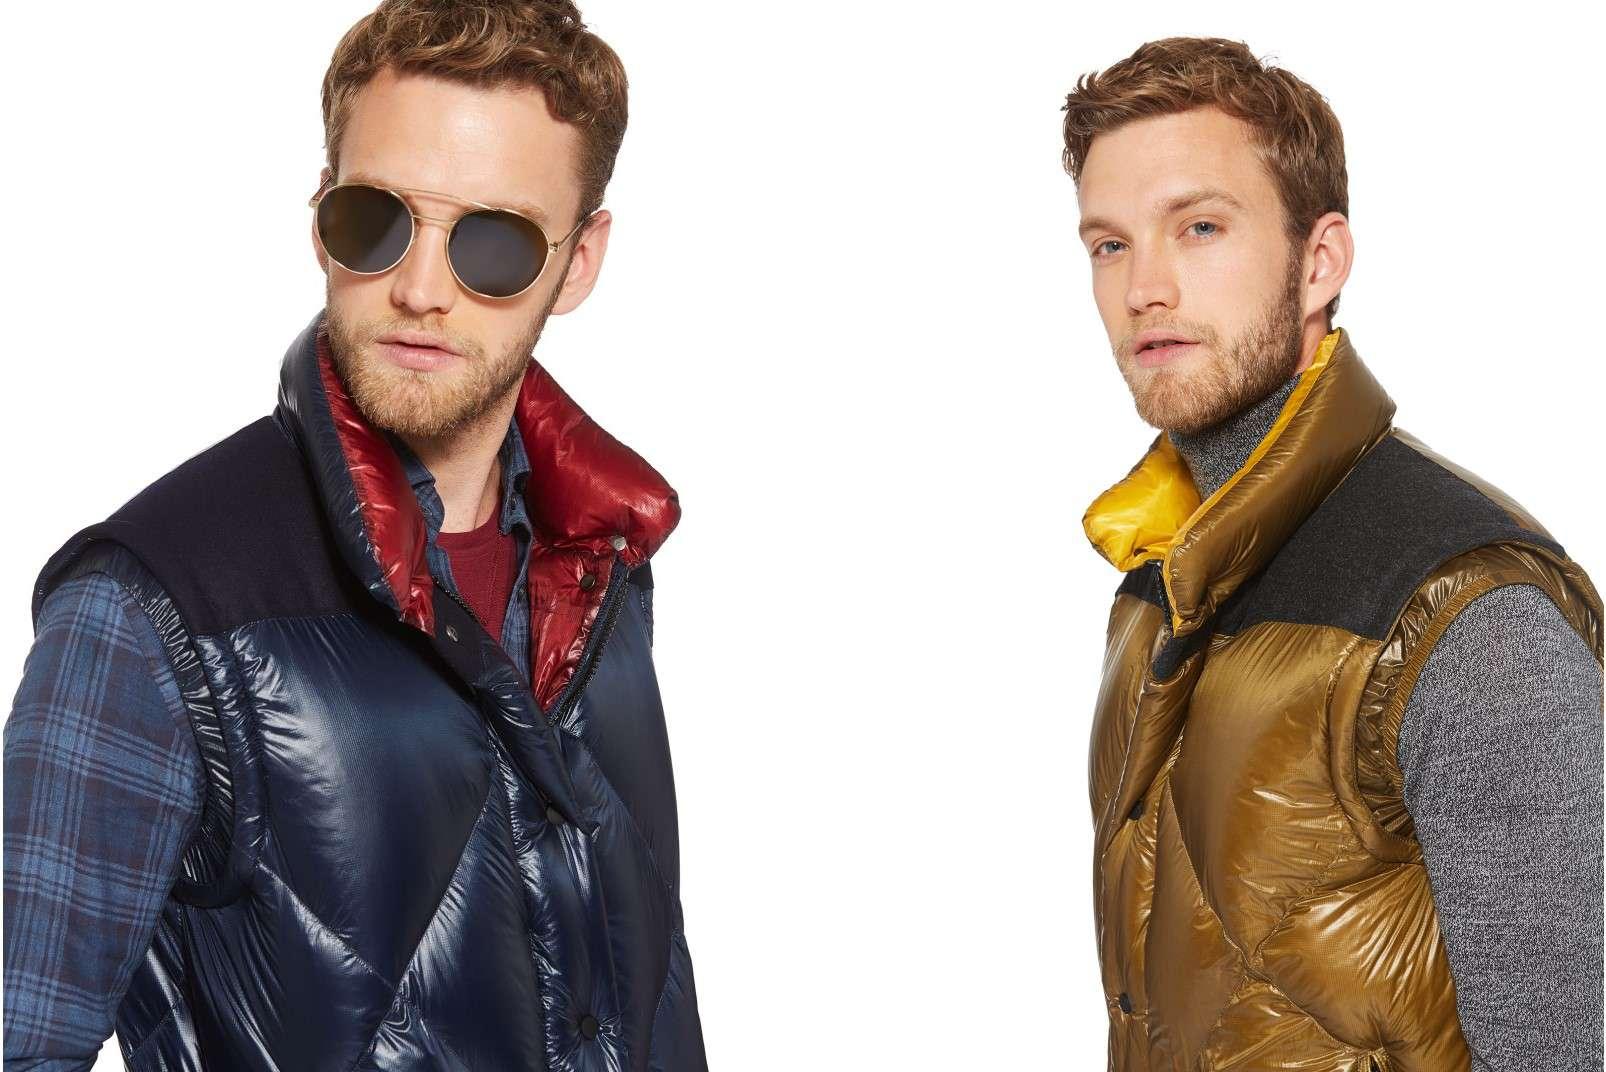 Boggi Milano bomber jackets BO18A011702 and BO18A011704